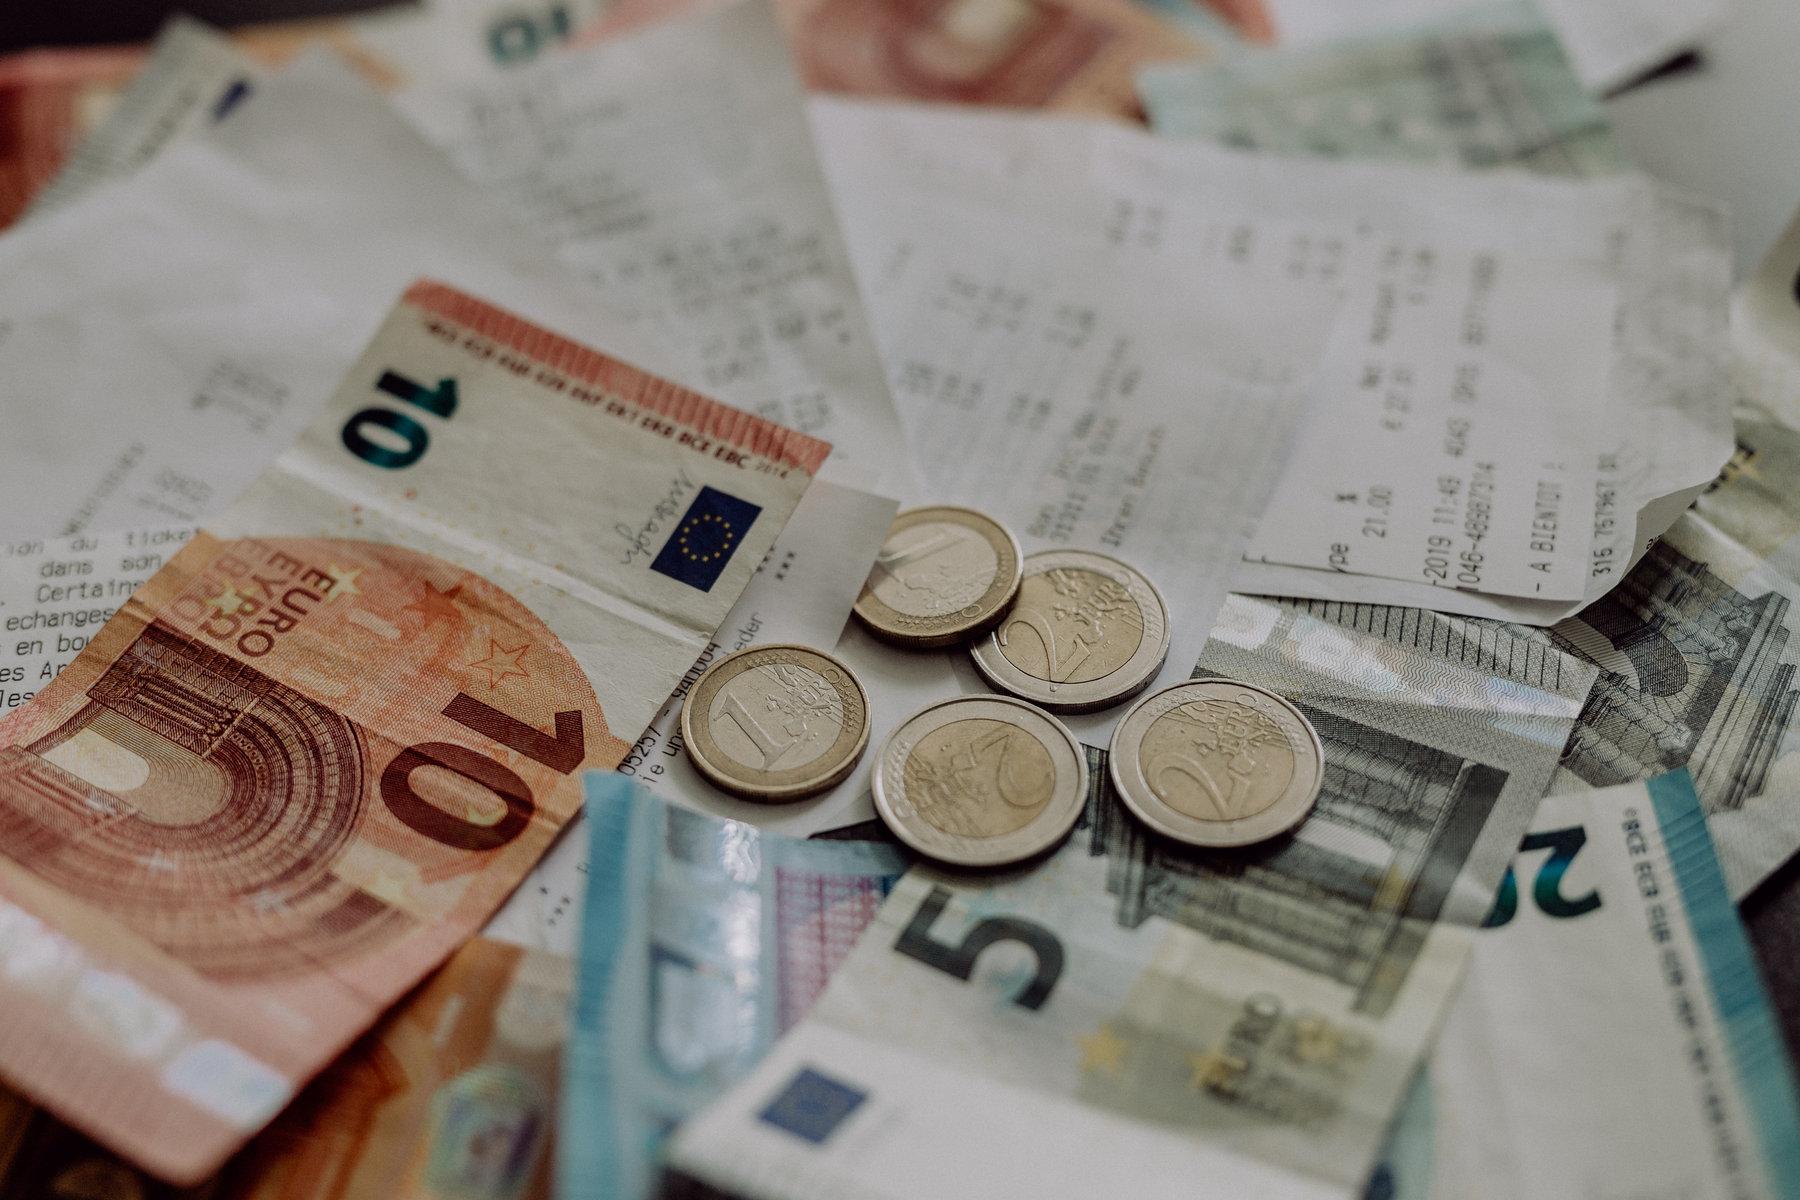 Expertentipps zum Thema Finanzen